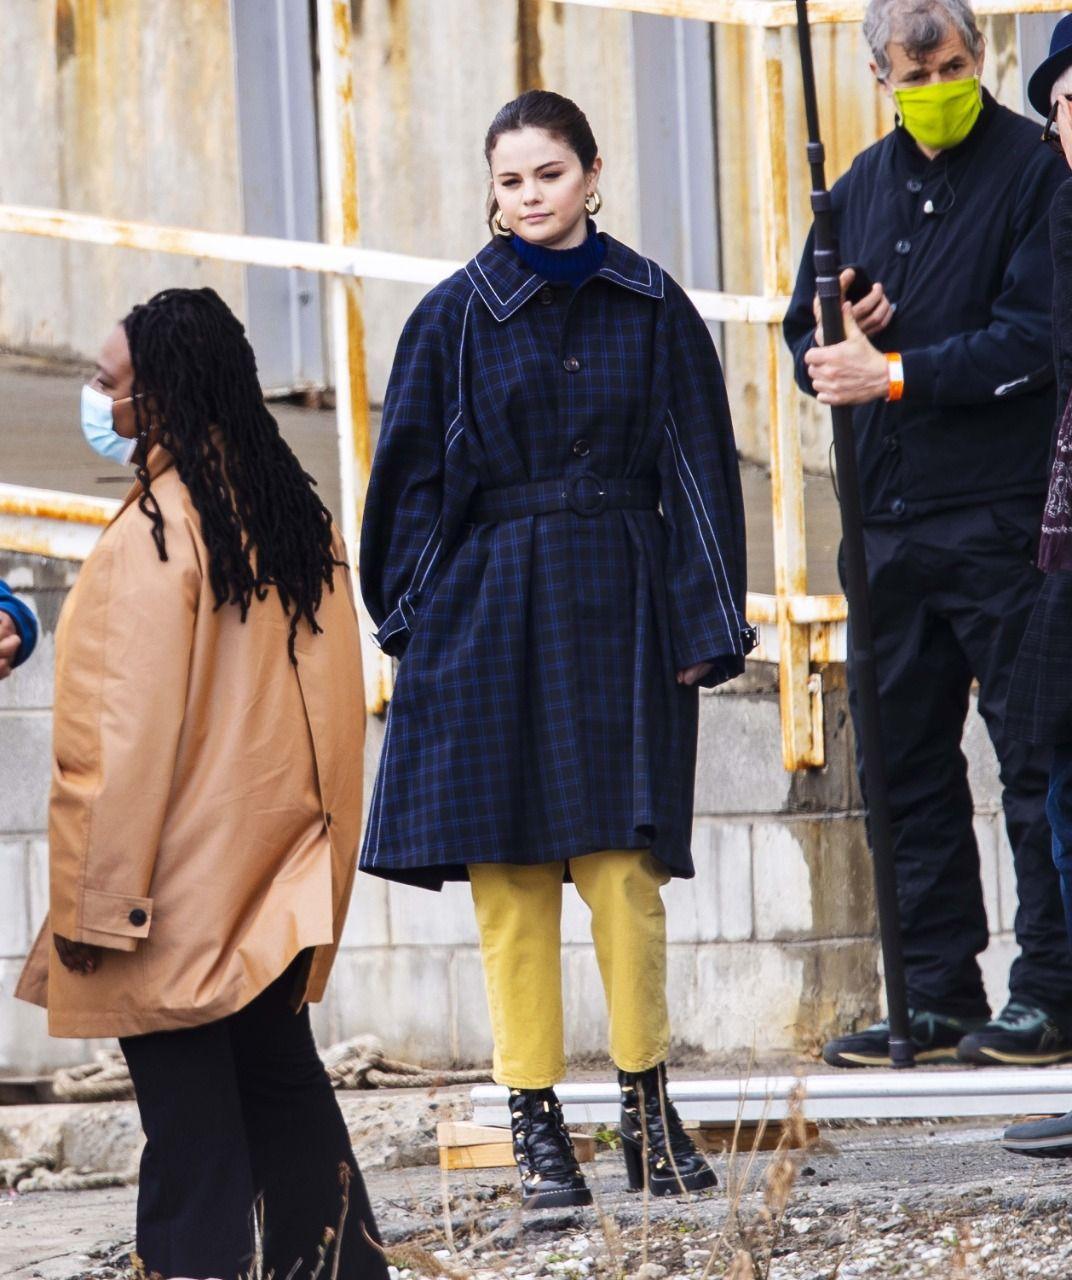 عکس های جدید منتشر شده از سلنا در نیویورک سر ست فیلمبرداری سریال Only murders in the building